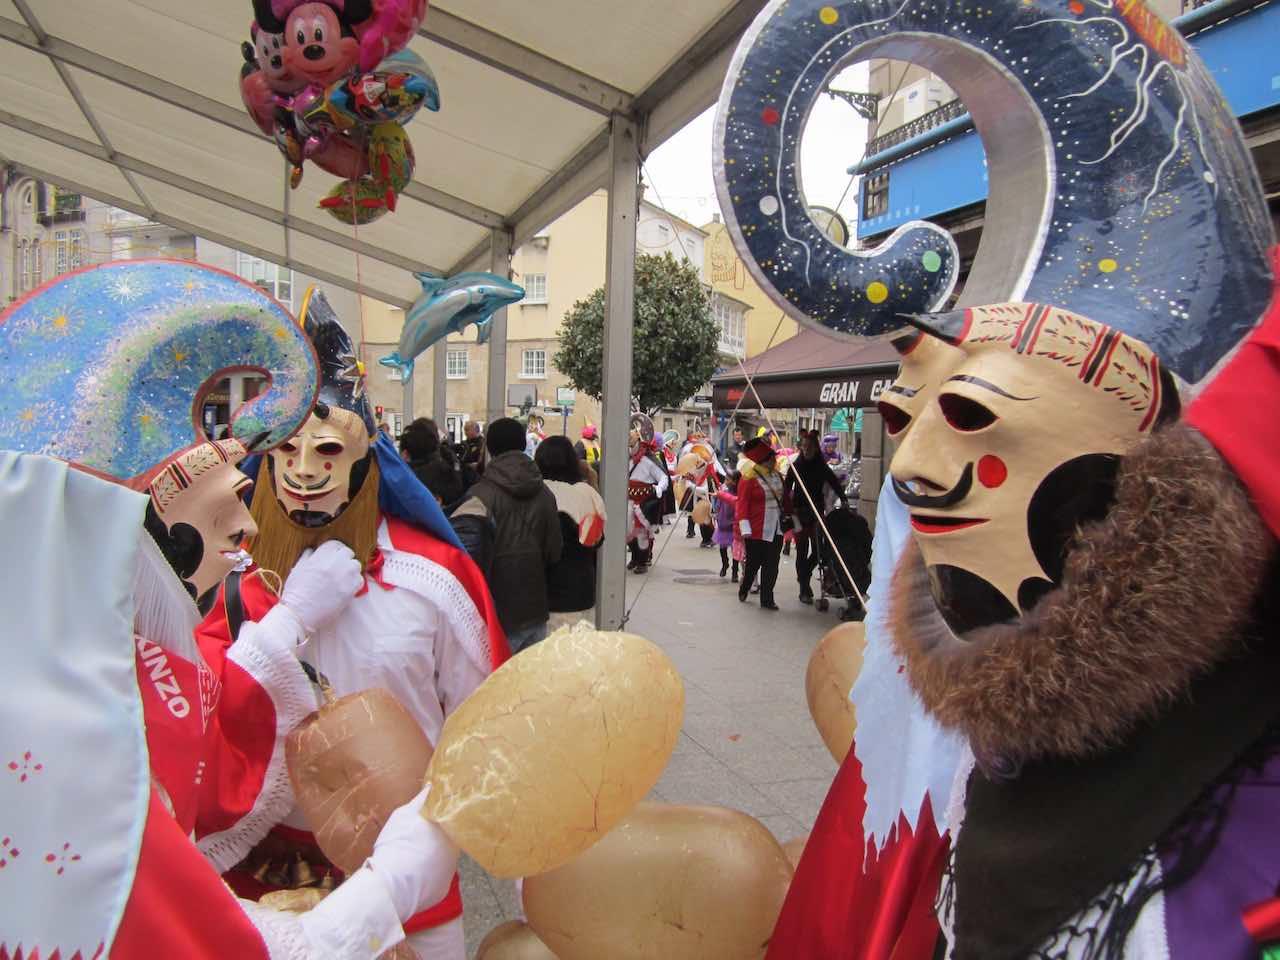 Sumarse al éxtasis colectivo del Carnaval. ©María Calvo.